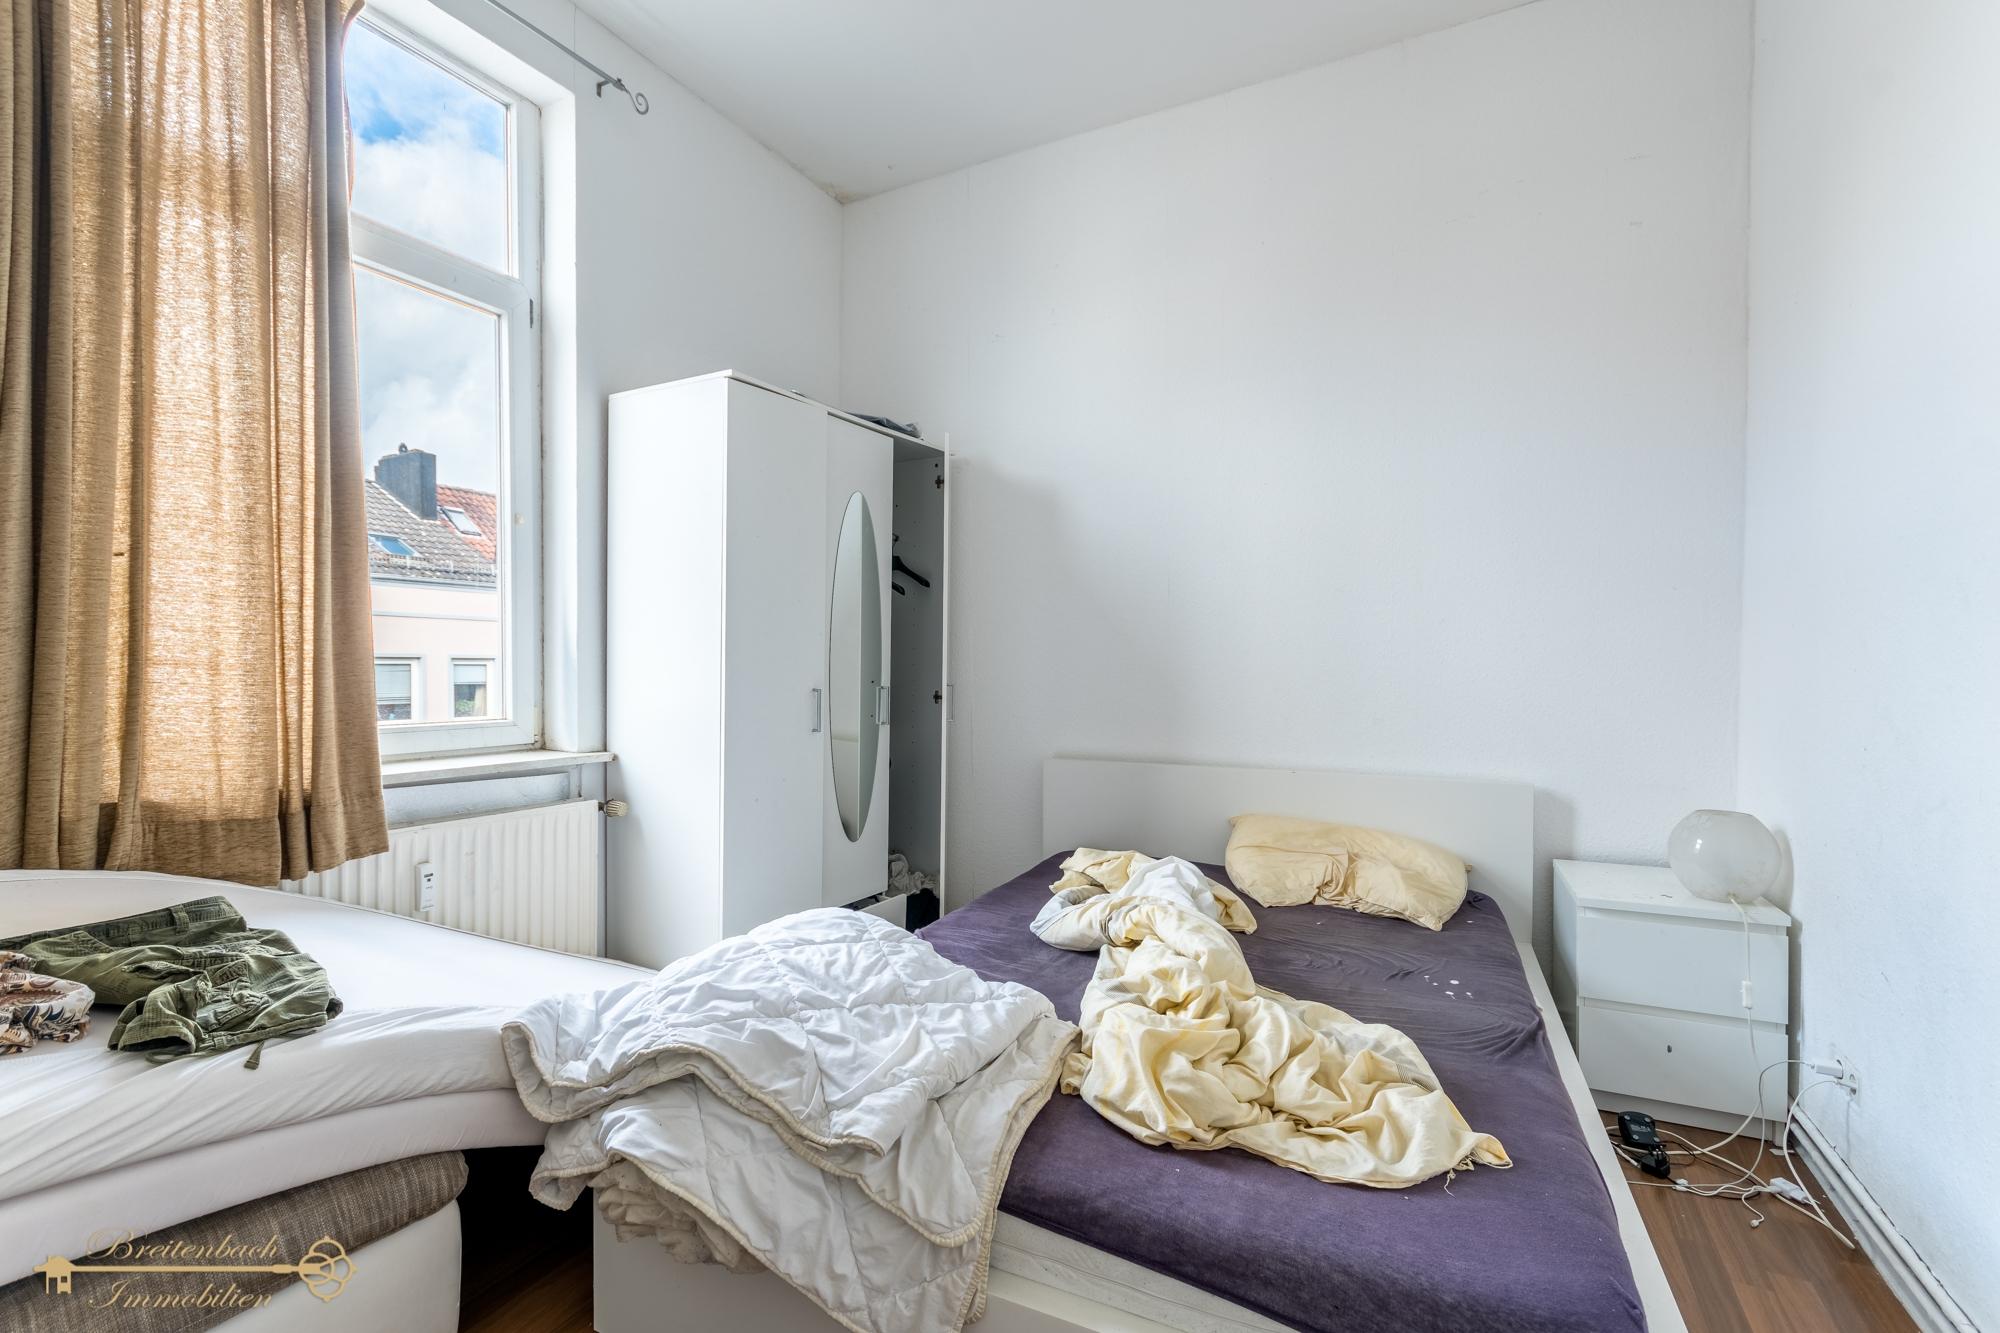 2020-10-18-Breitenbach-Immobilien-11